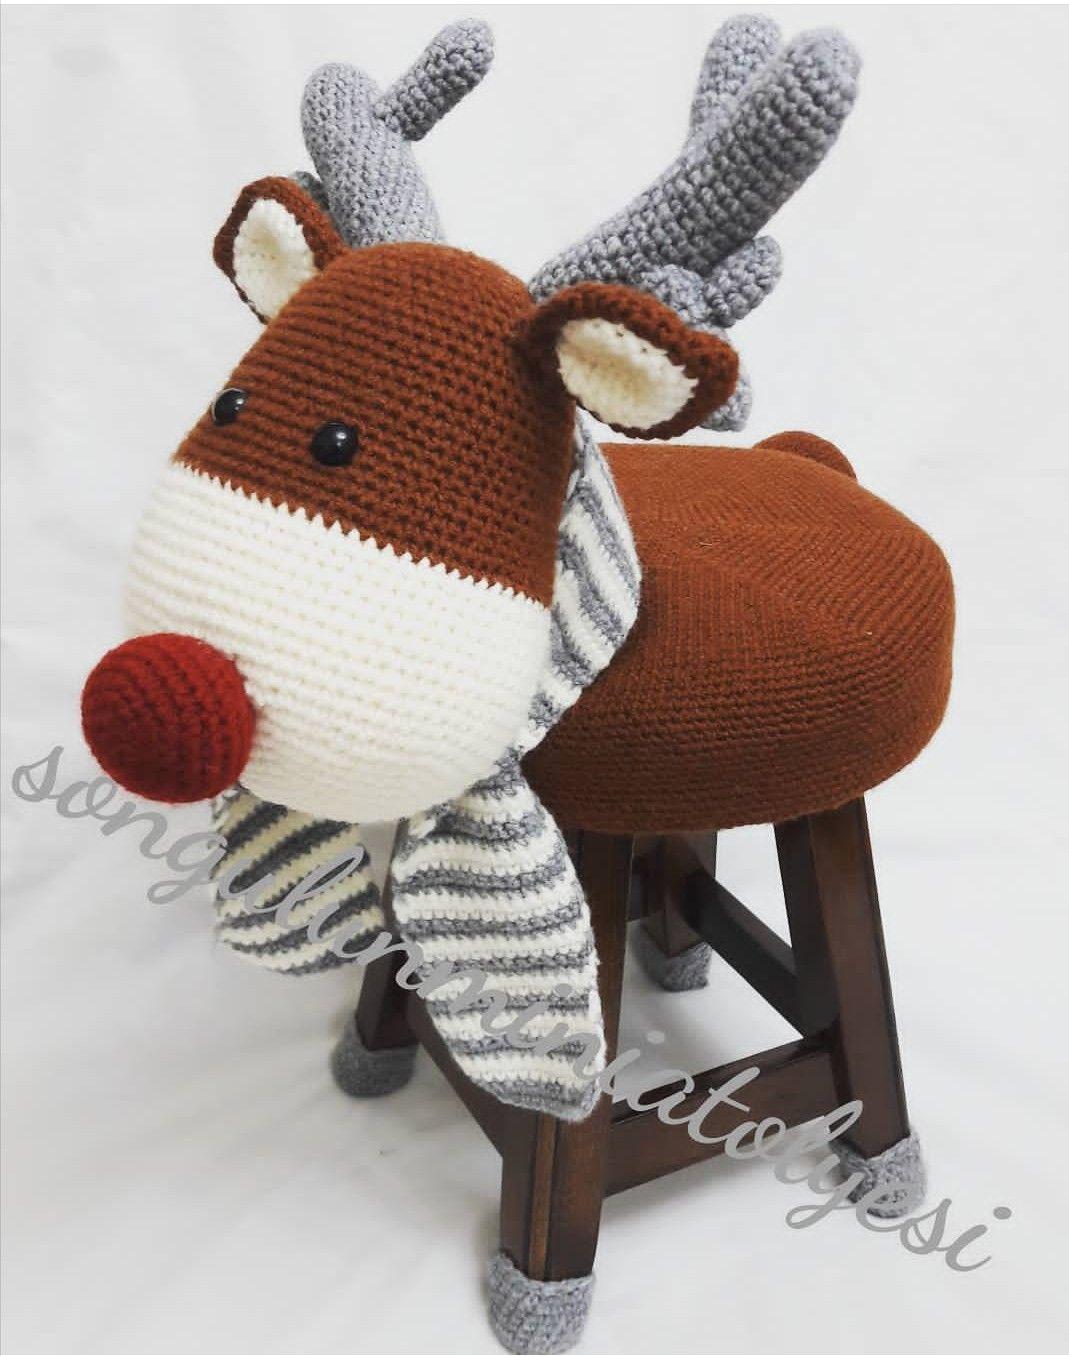 Atlas Çocuk Amigurumi Zürafa Örgü Tabure Fiyatı | 1356x1069